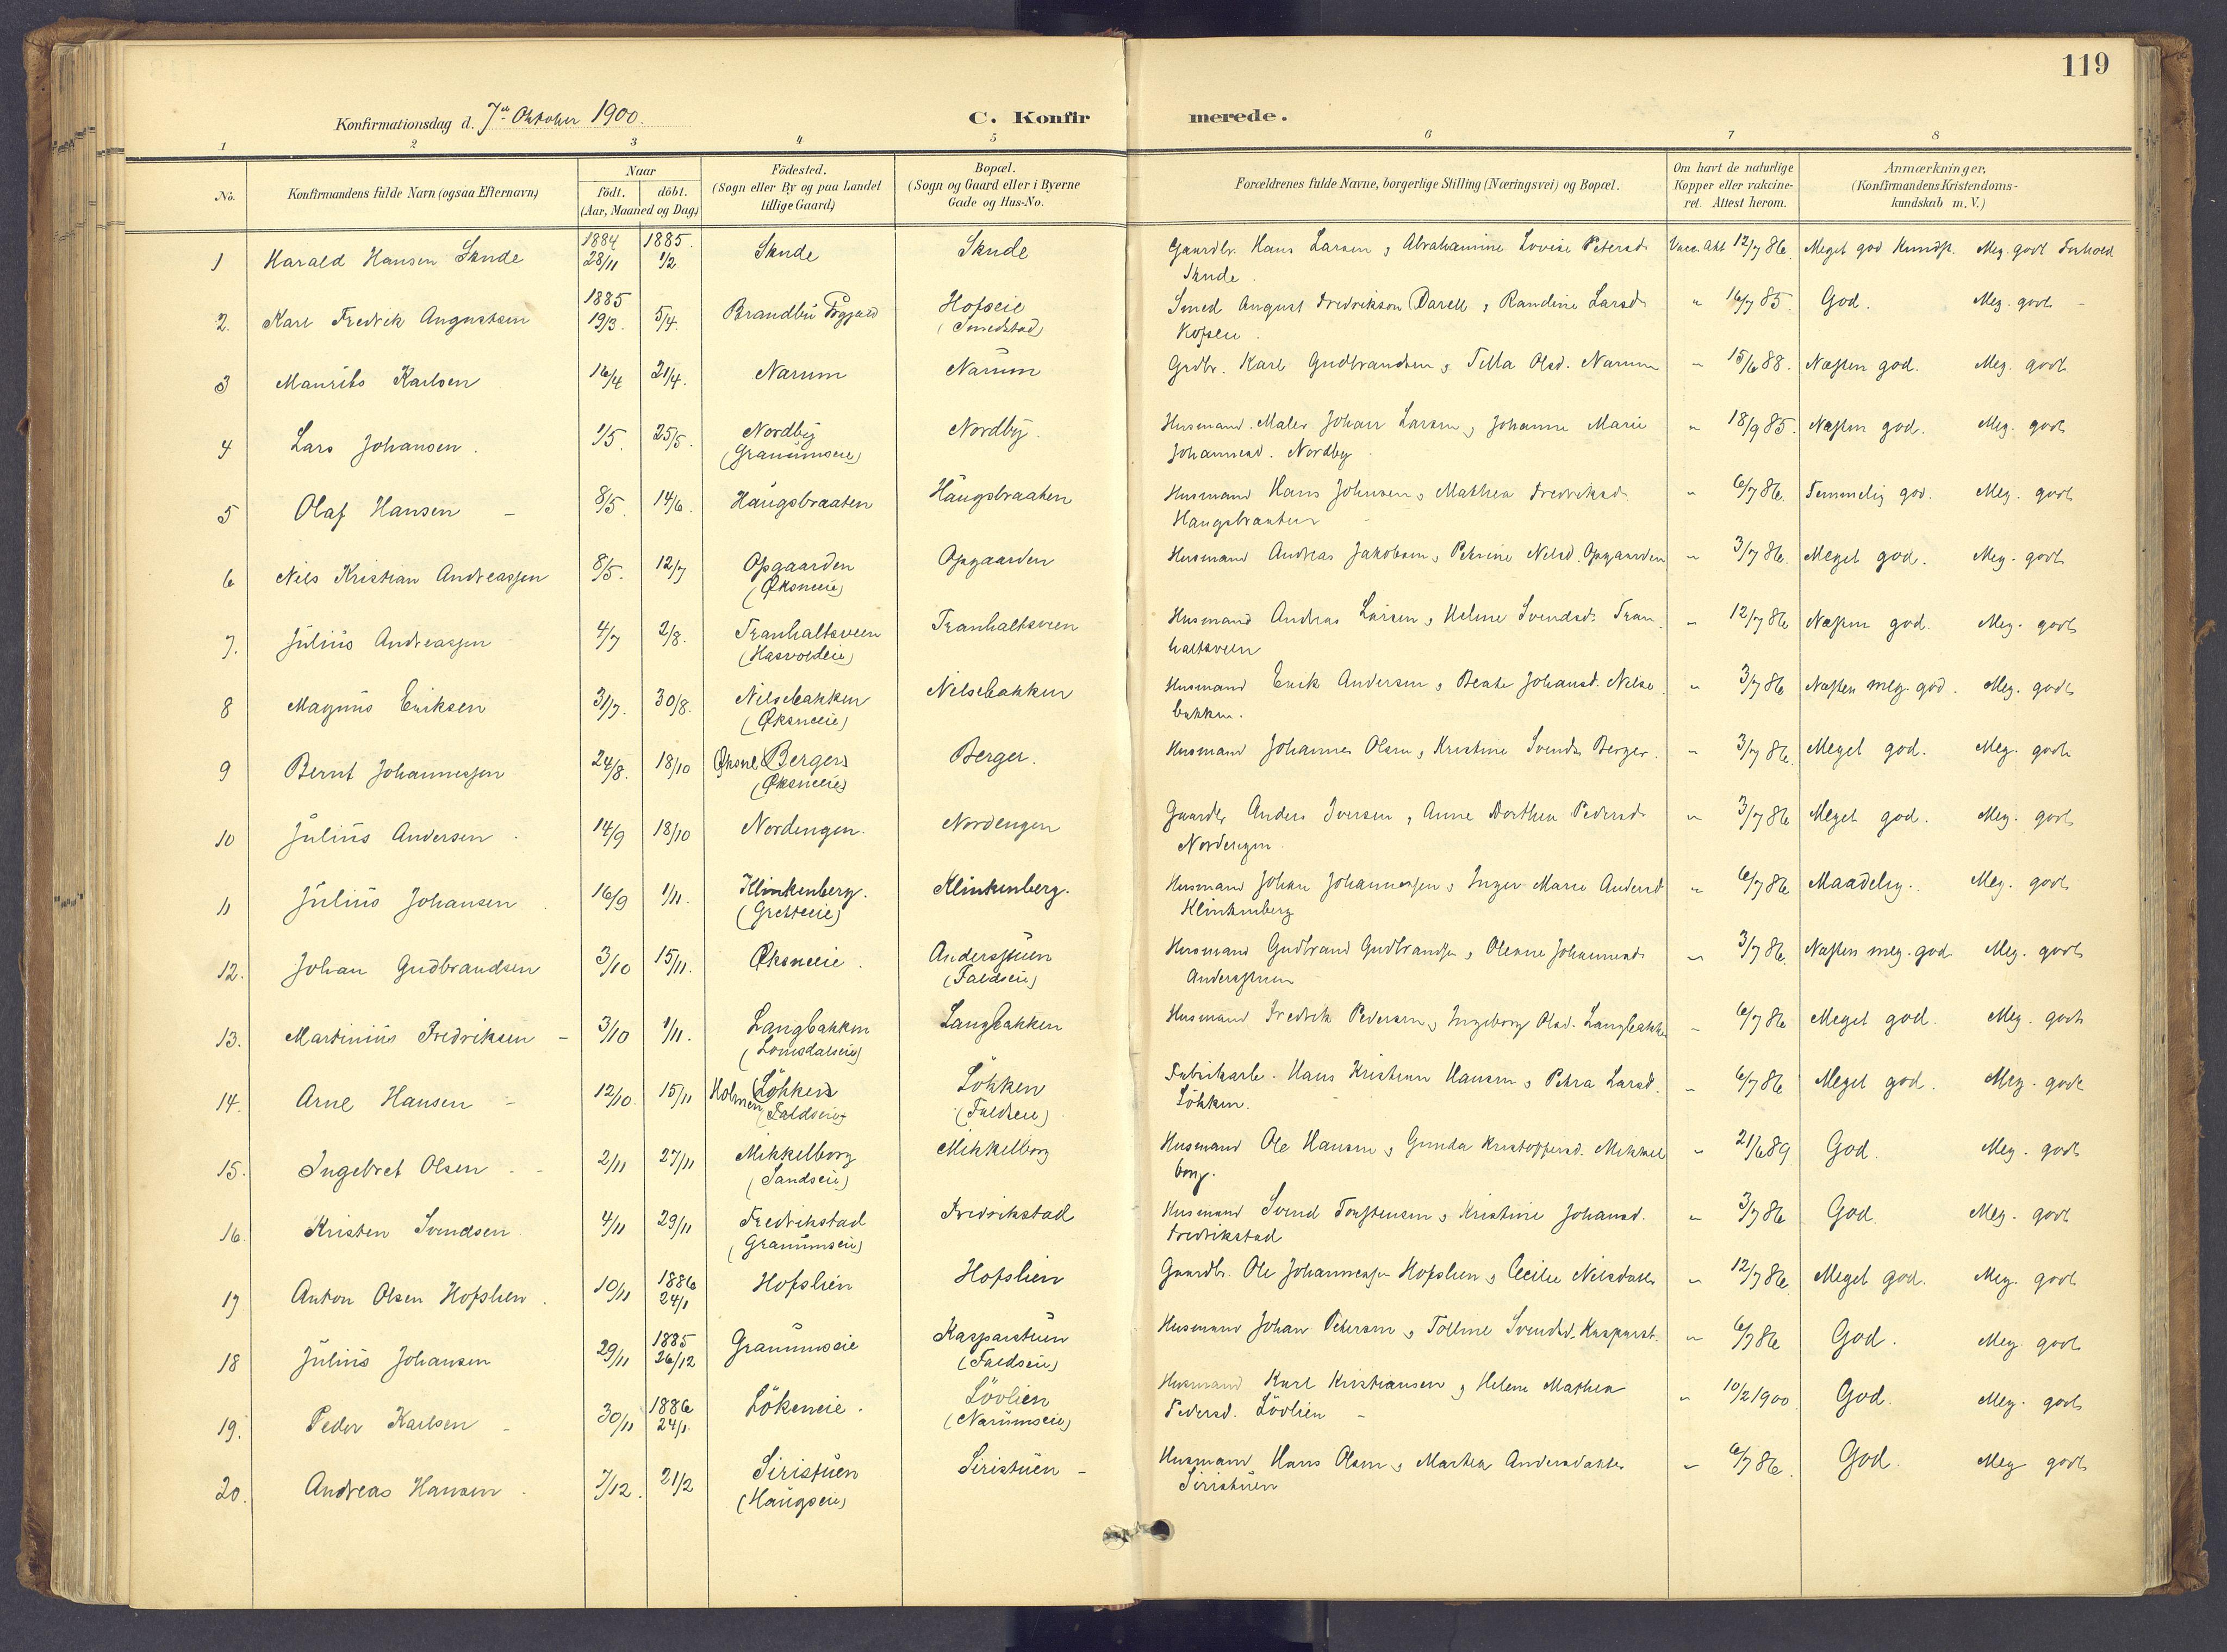 SAH, Søndre Land prestekontor, K/L0006: Parish register (official) no. 6, 1895-1904, p. 119